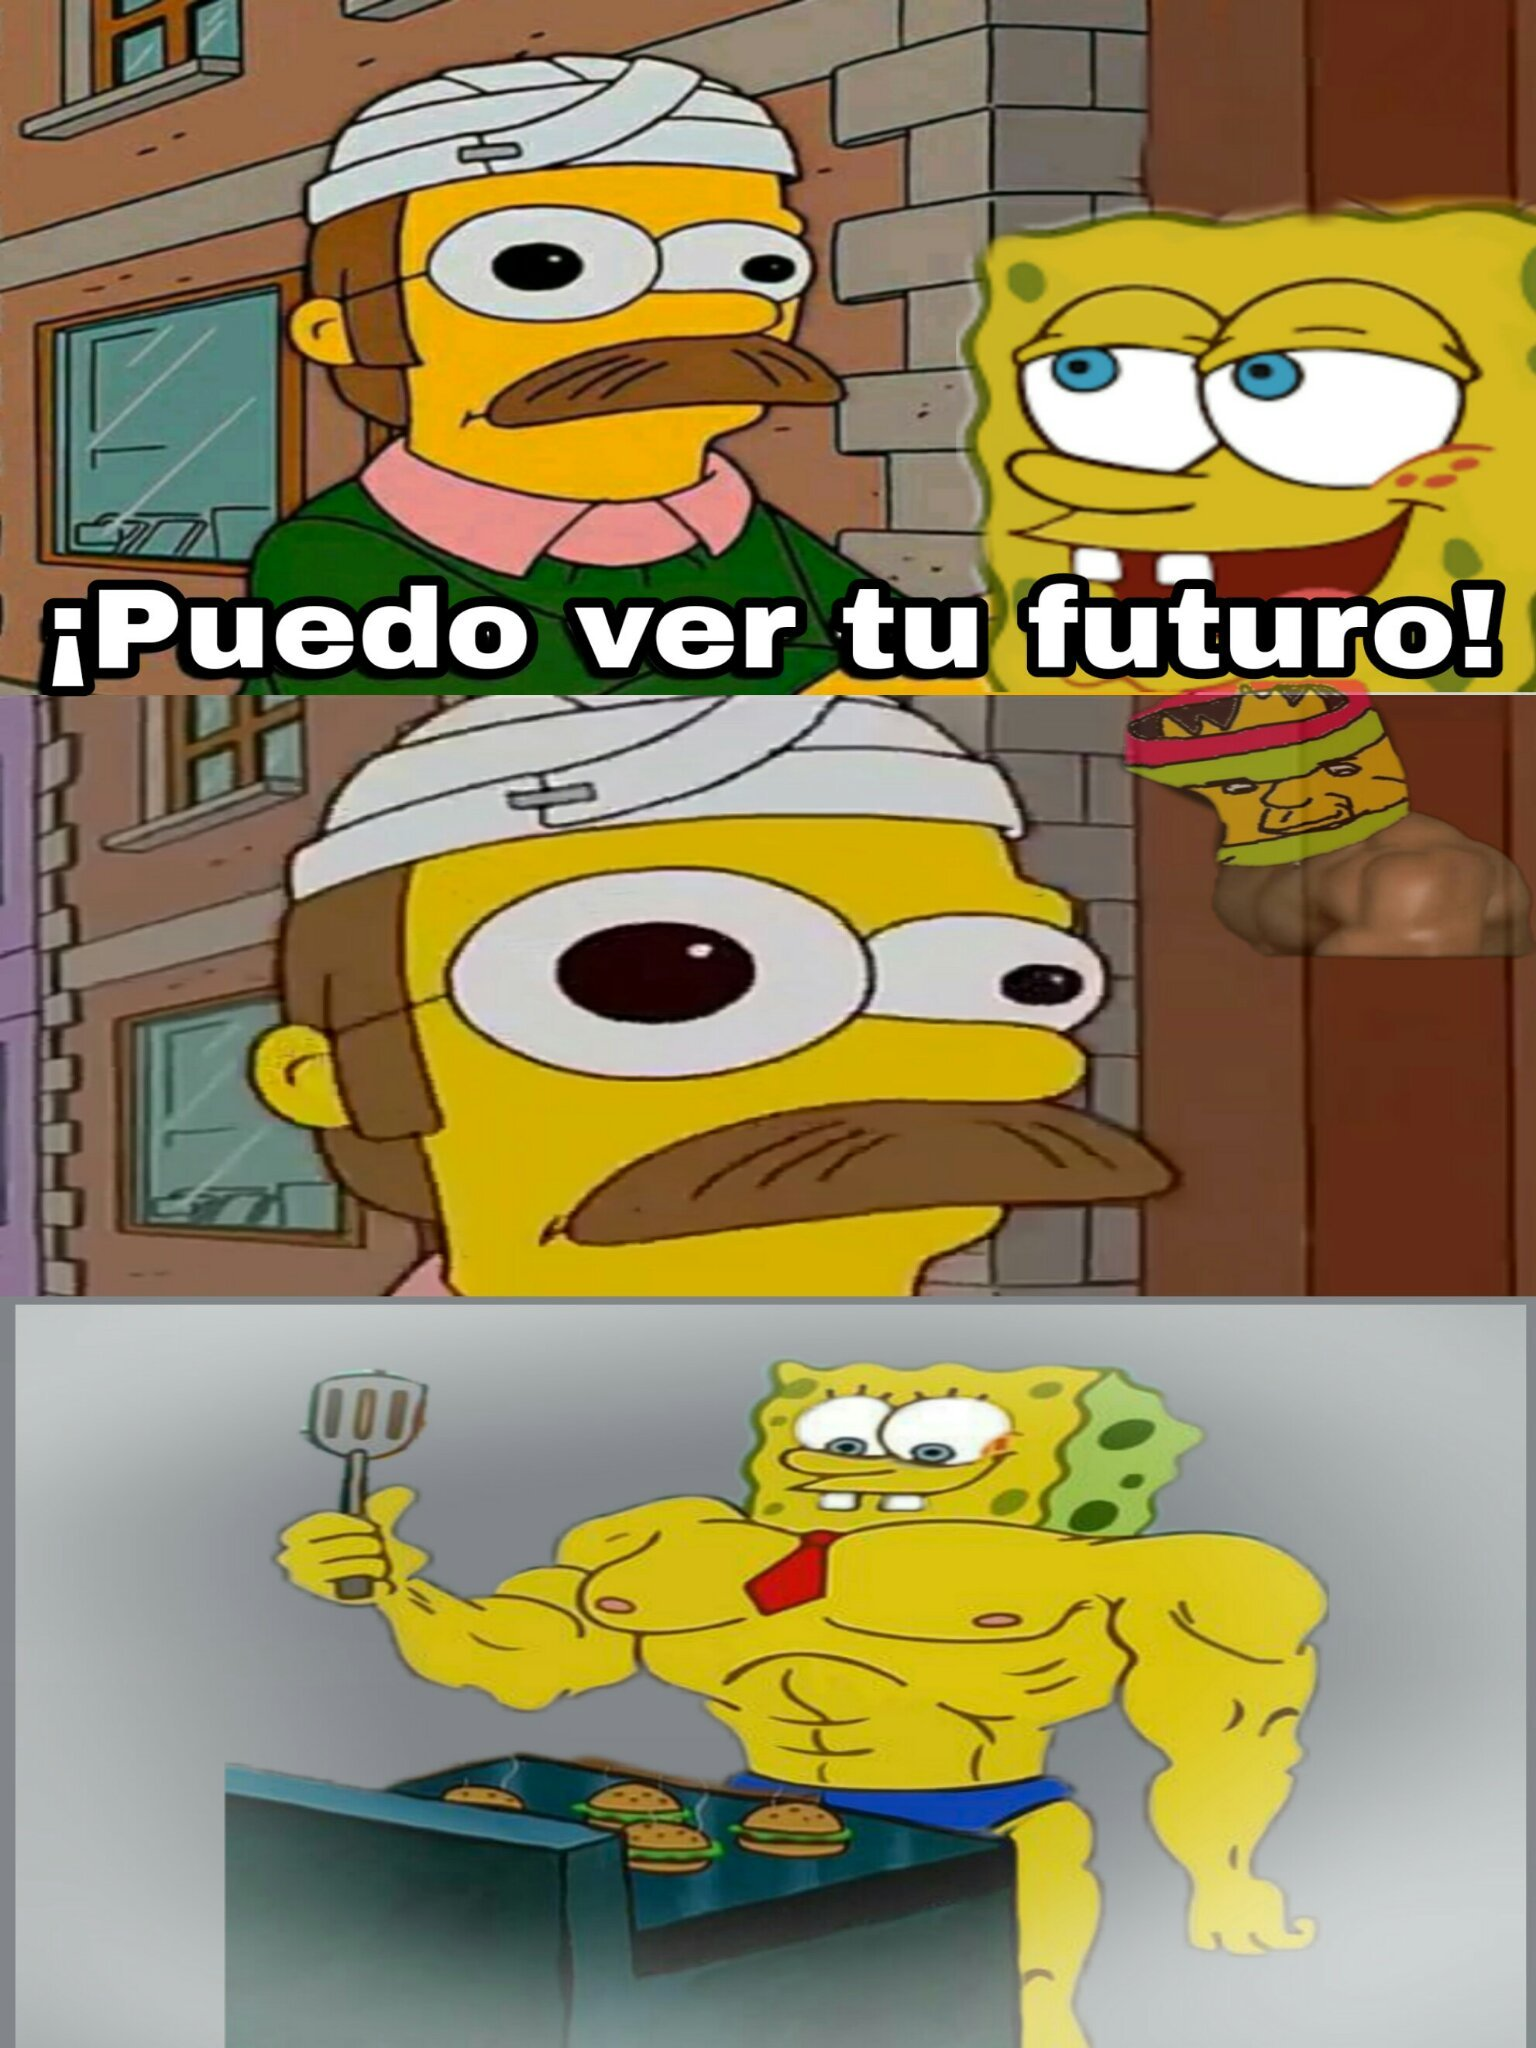 Flanders viendo el futuro de bob esponja - meme